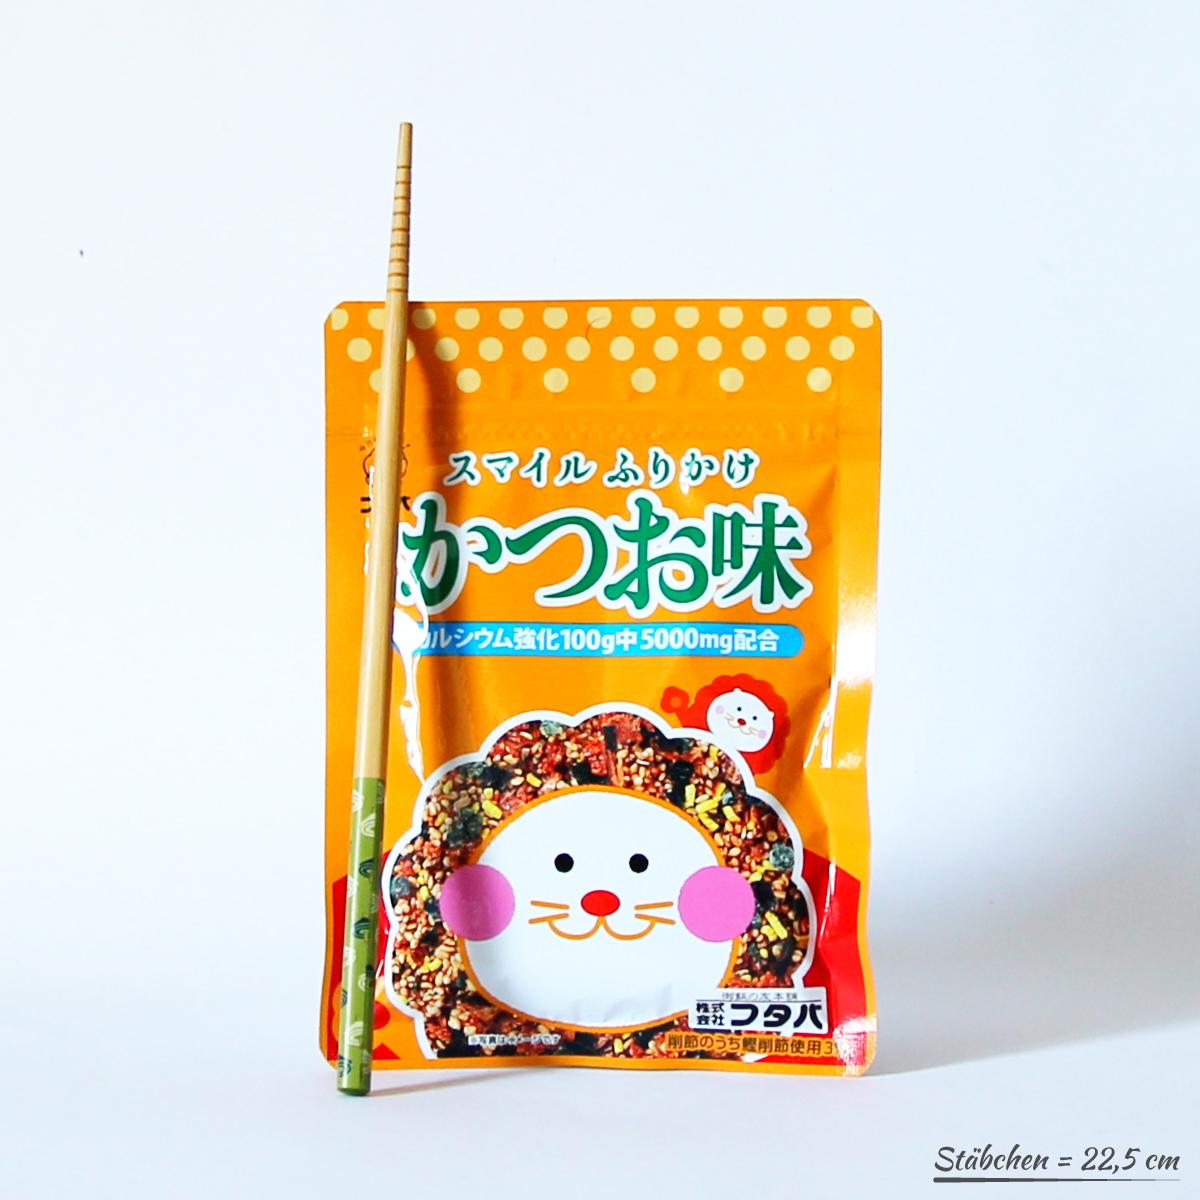 Furikake 40g (Gewürz für Reis), SMILE